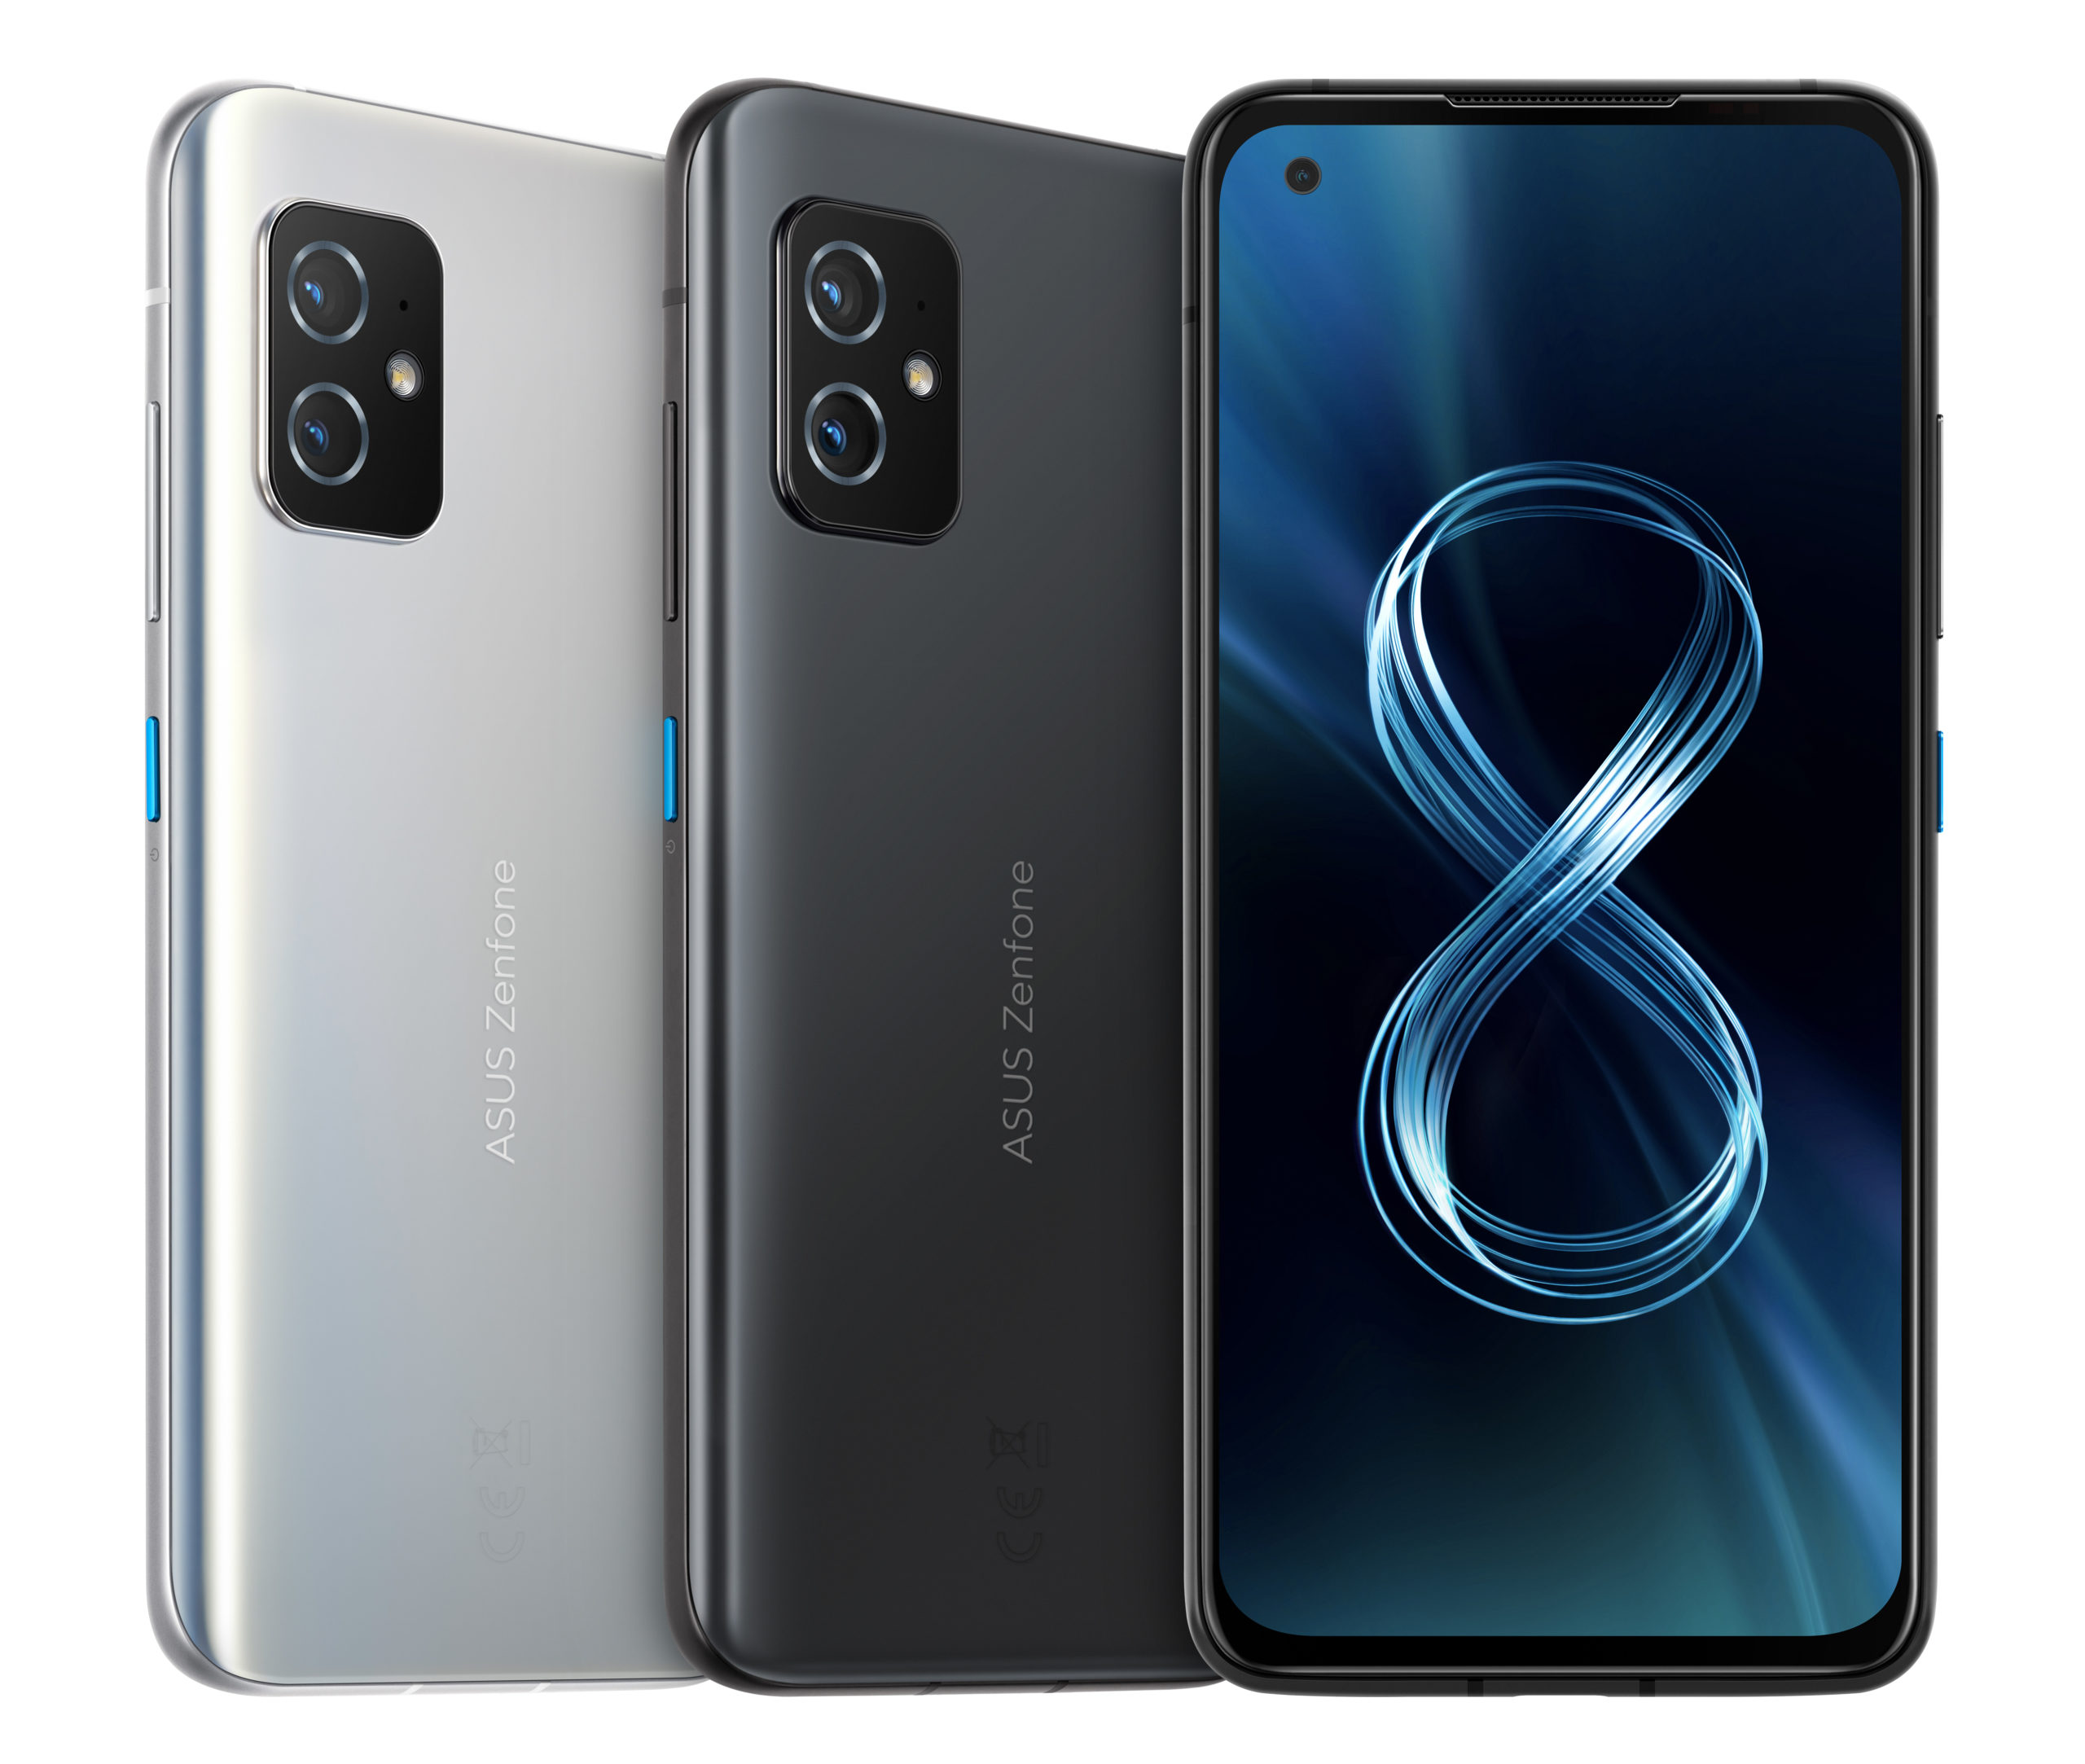 Asus introducerar Zenfone 8 – en liten mobil med hög prestanda